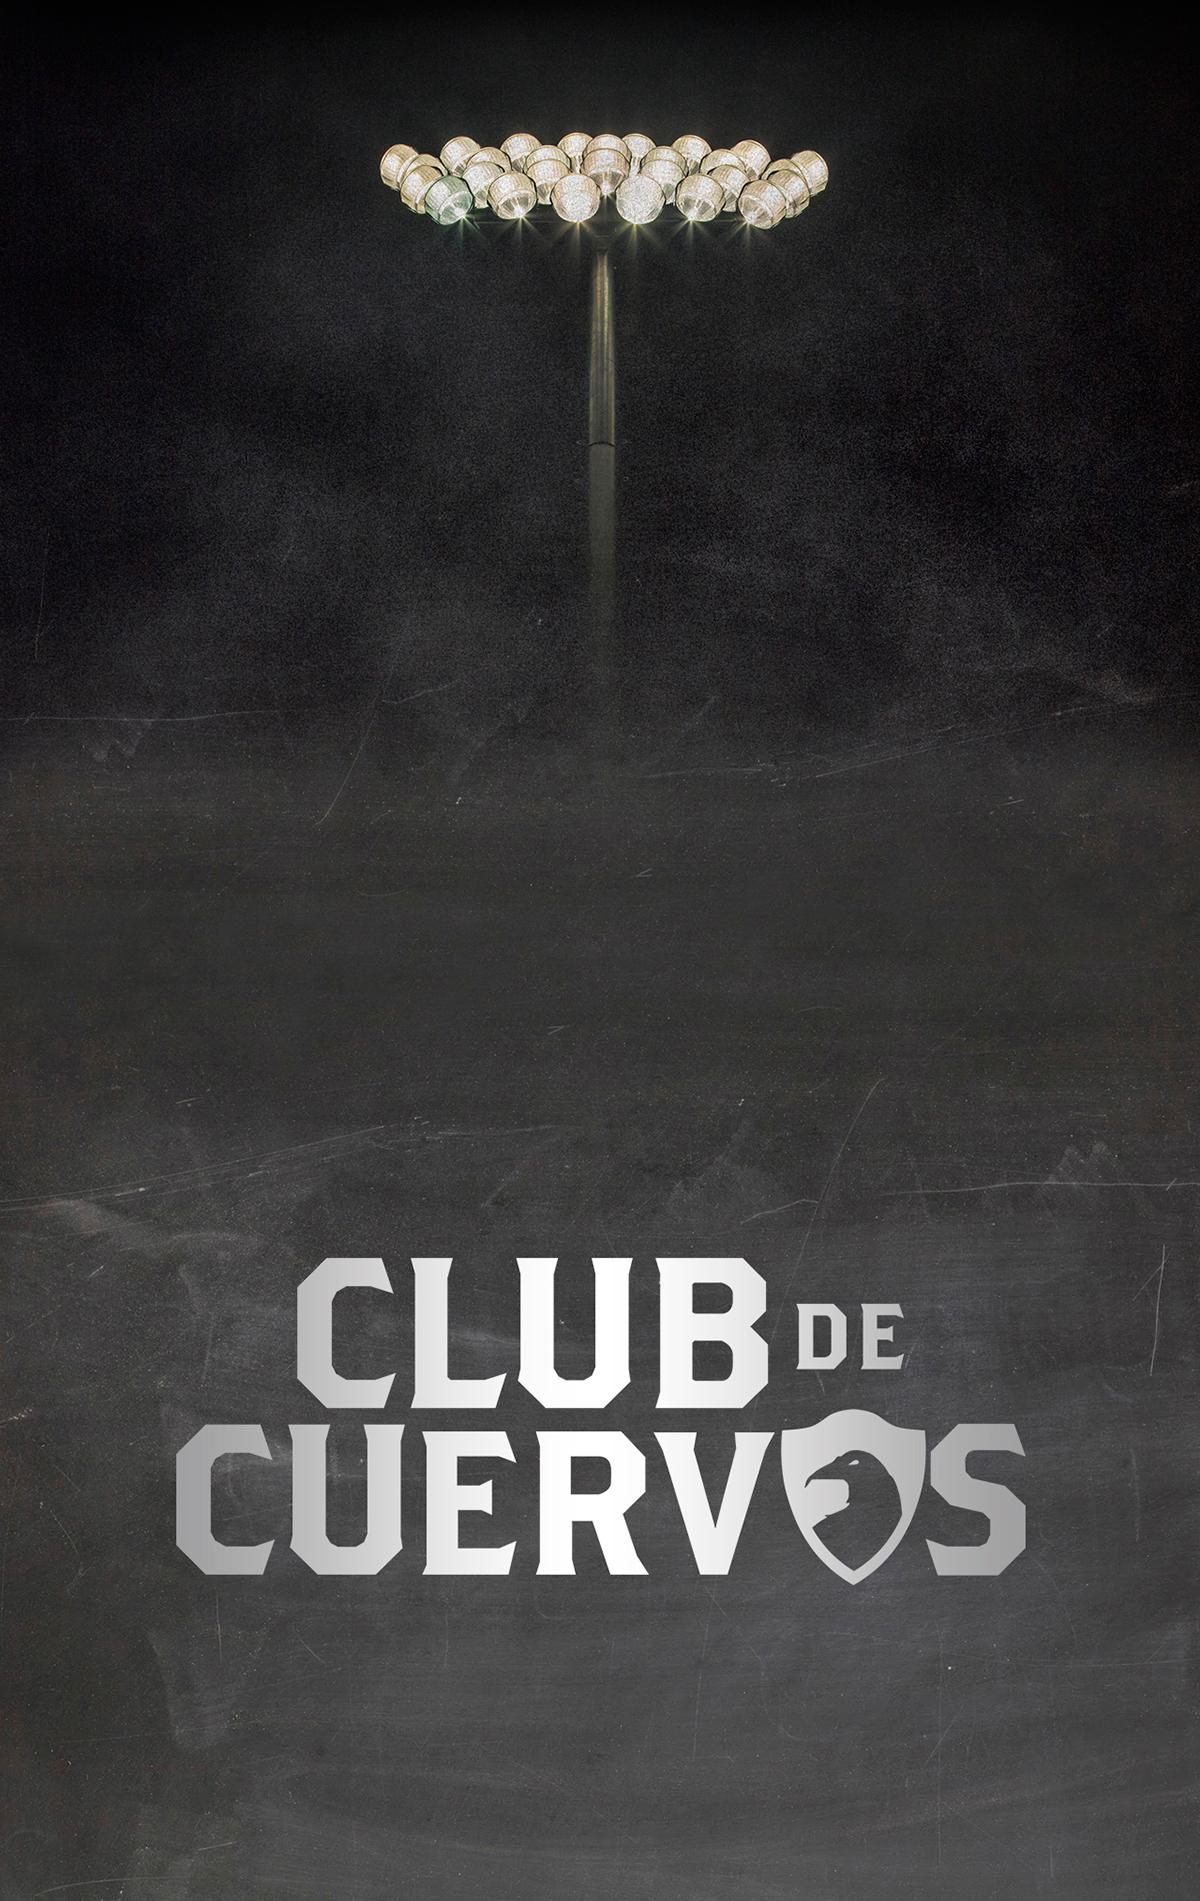 Jersey Quot Club De Cuervos Quot On Behance